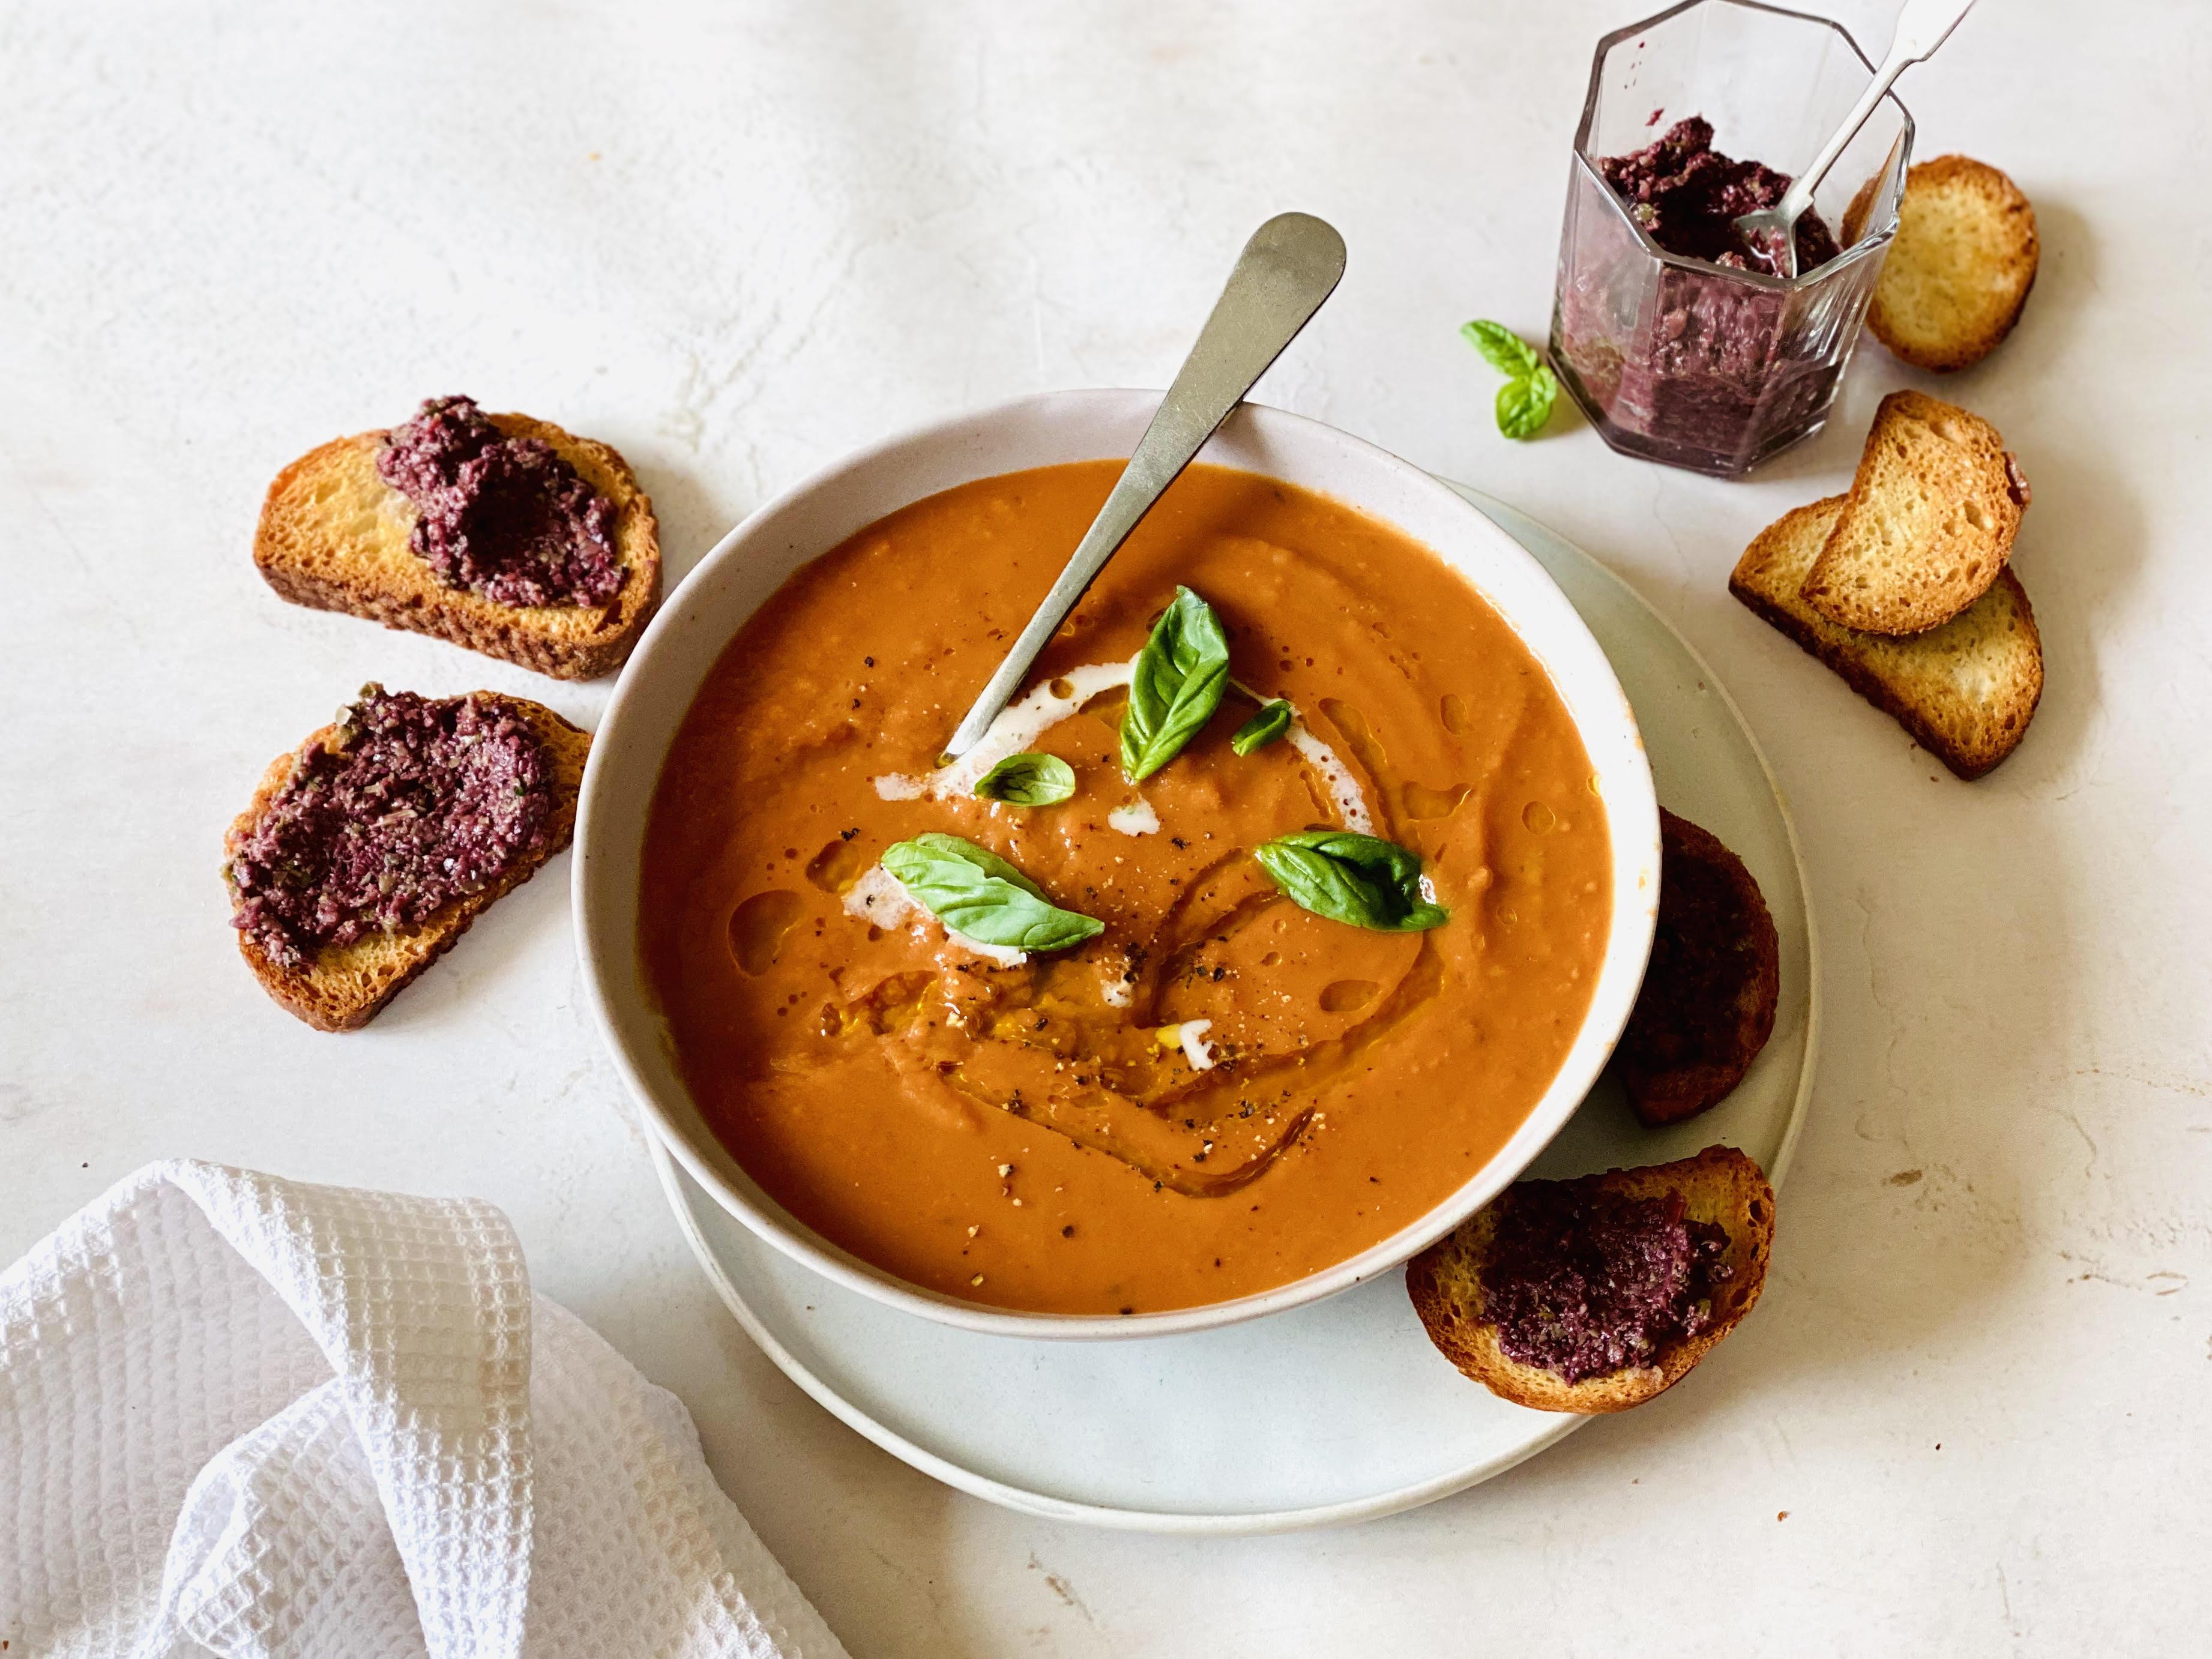 Creamy Tomato Soup with Tapenade Crostini